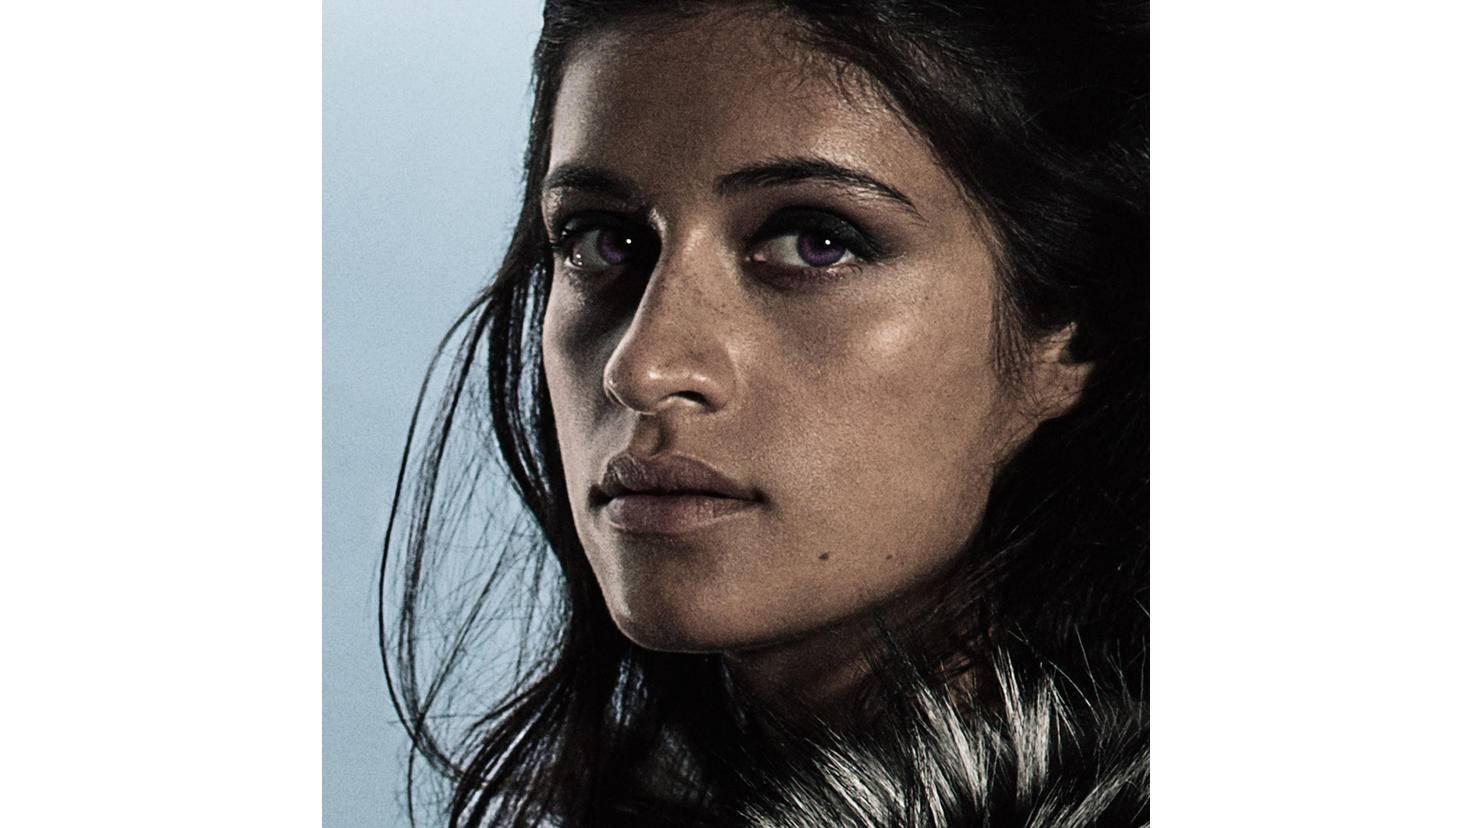 Anya Chalotra spielt Yennefer, die Geliebte von Geralt.